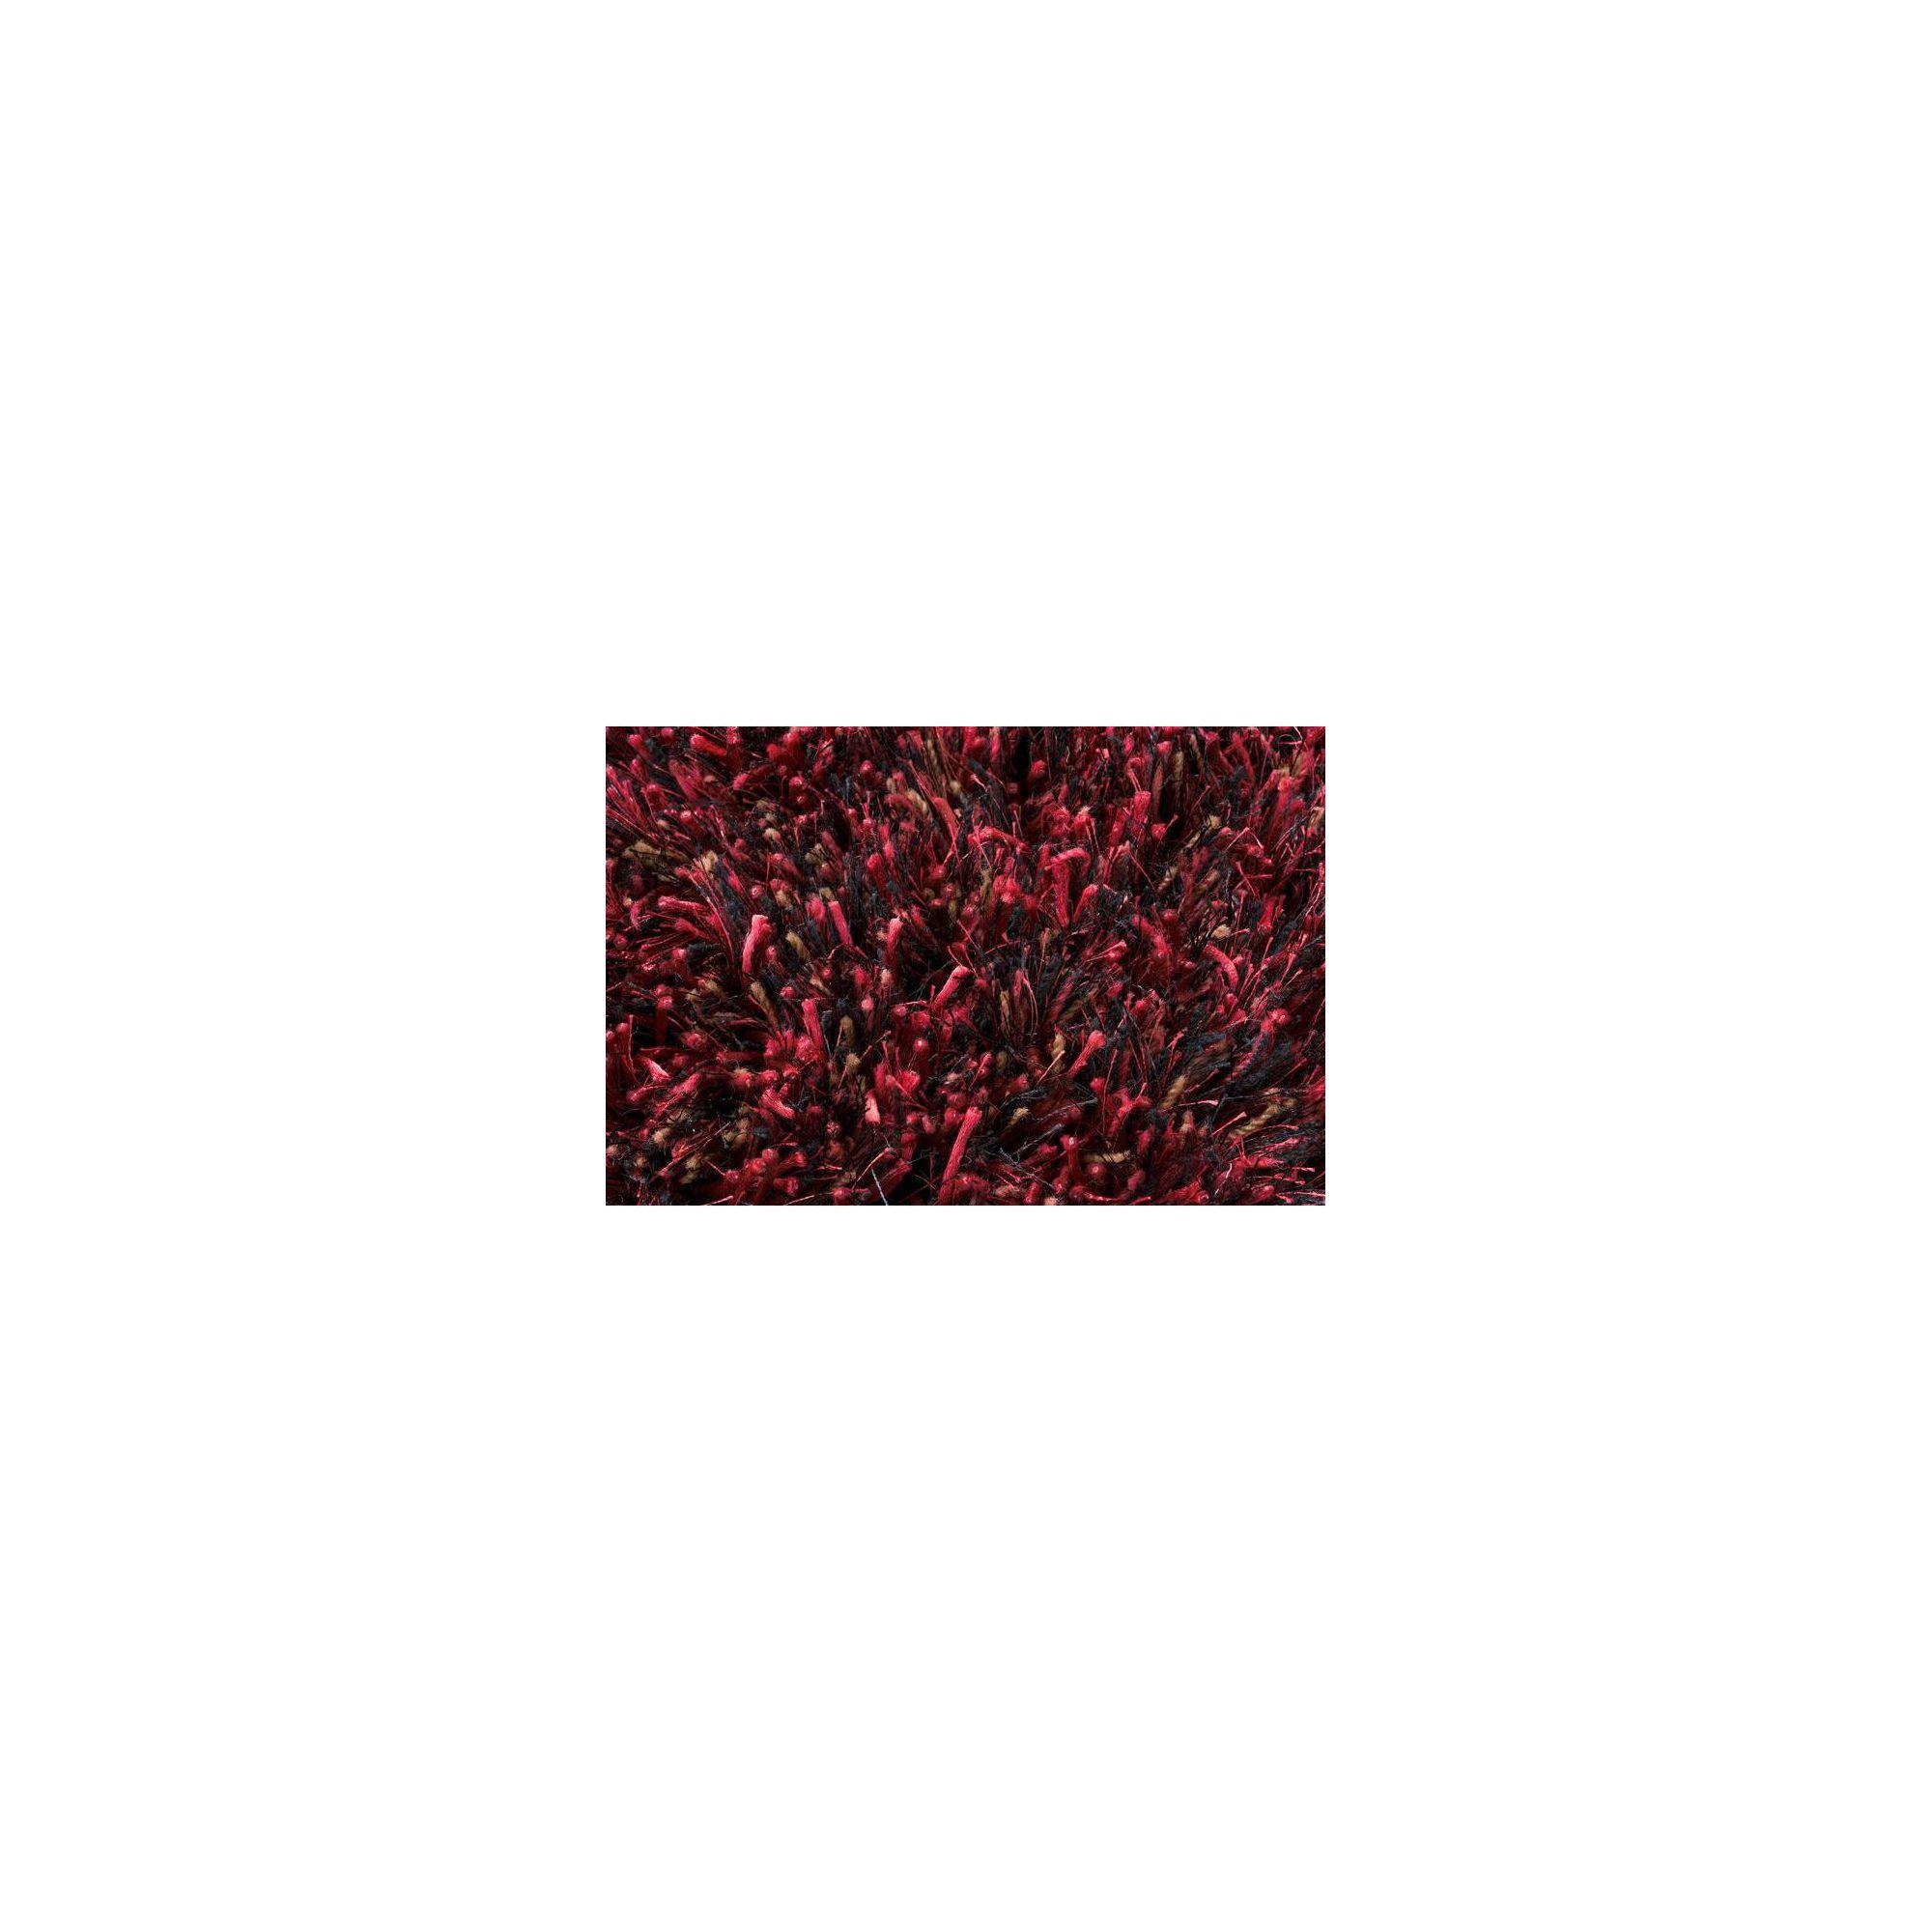 Linie Design Ronaldo Dark Red Shag Rug - 200cm x 140cm at Tesco Direct